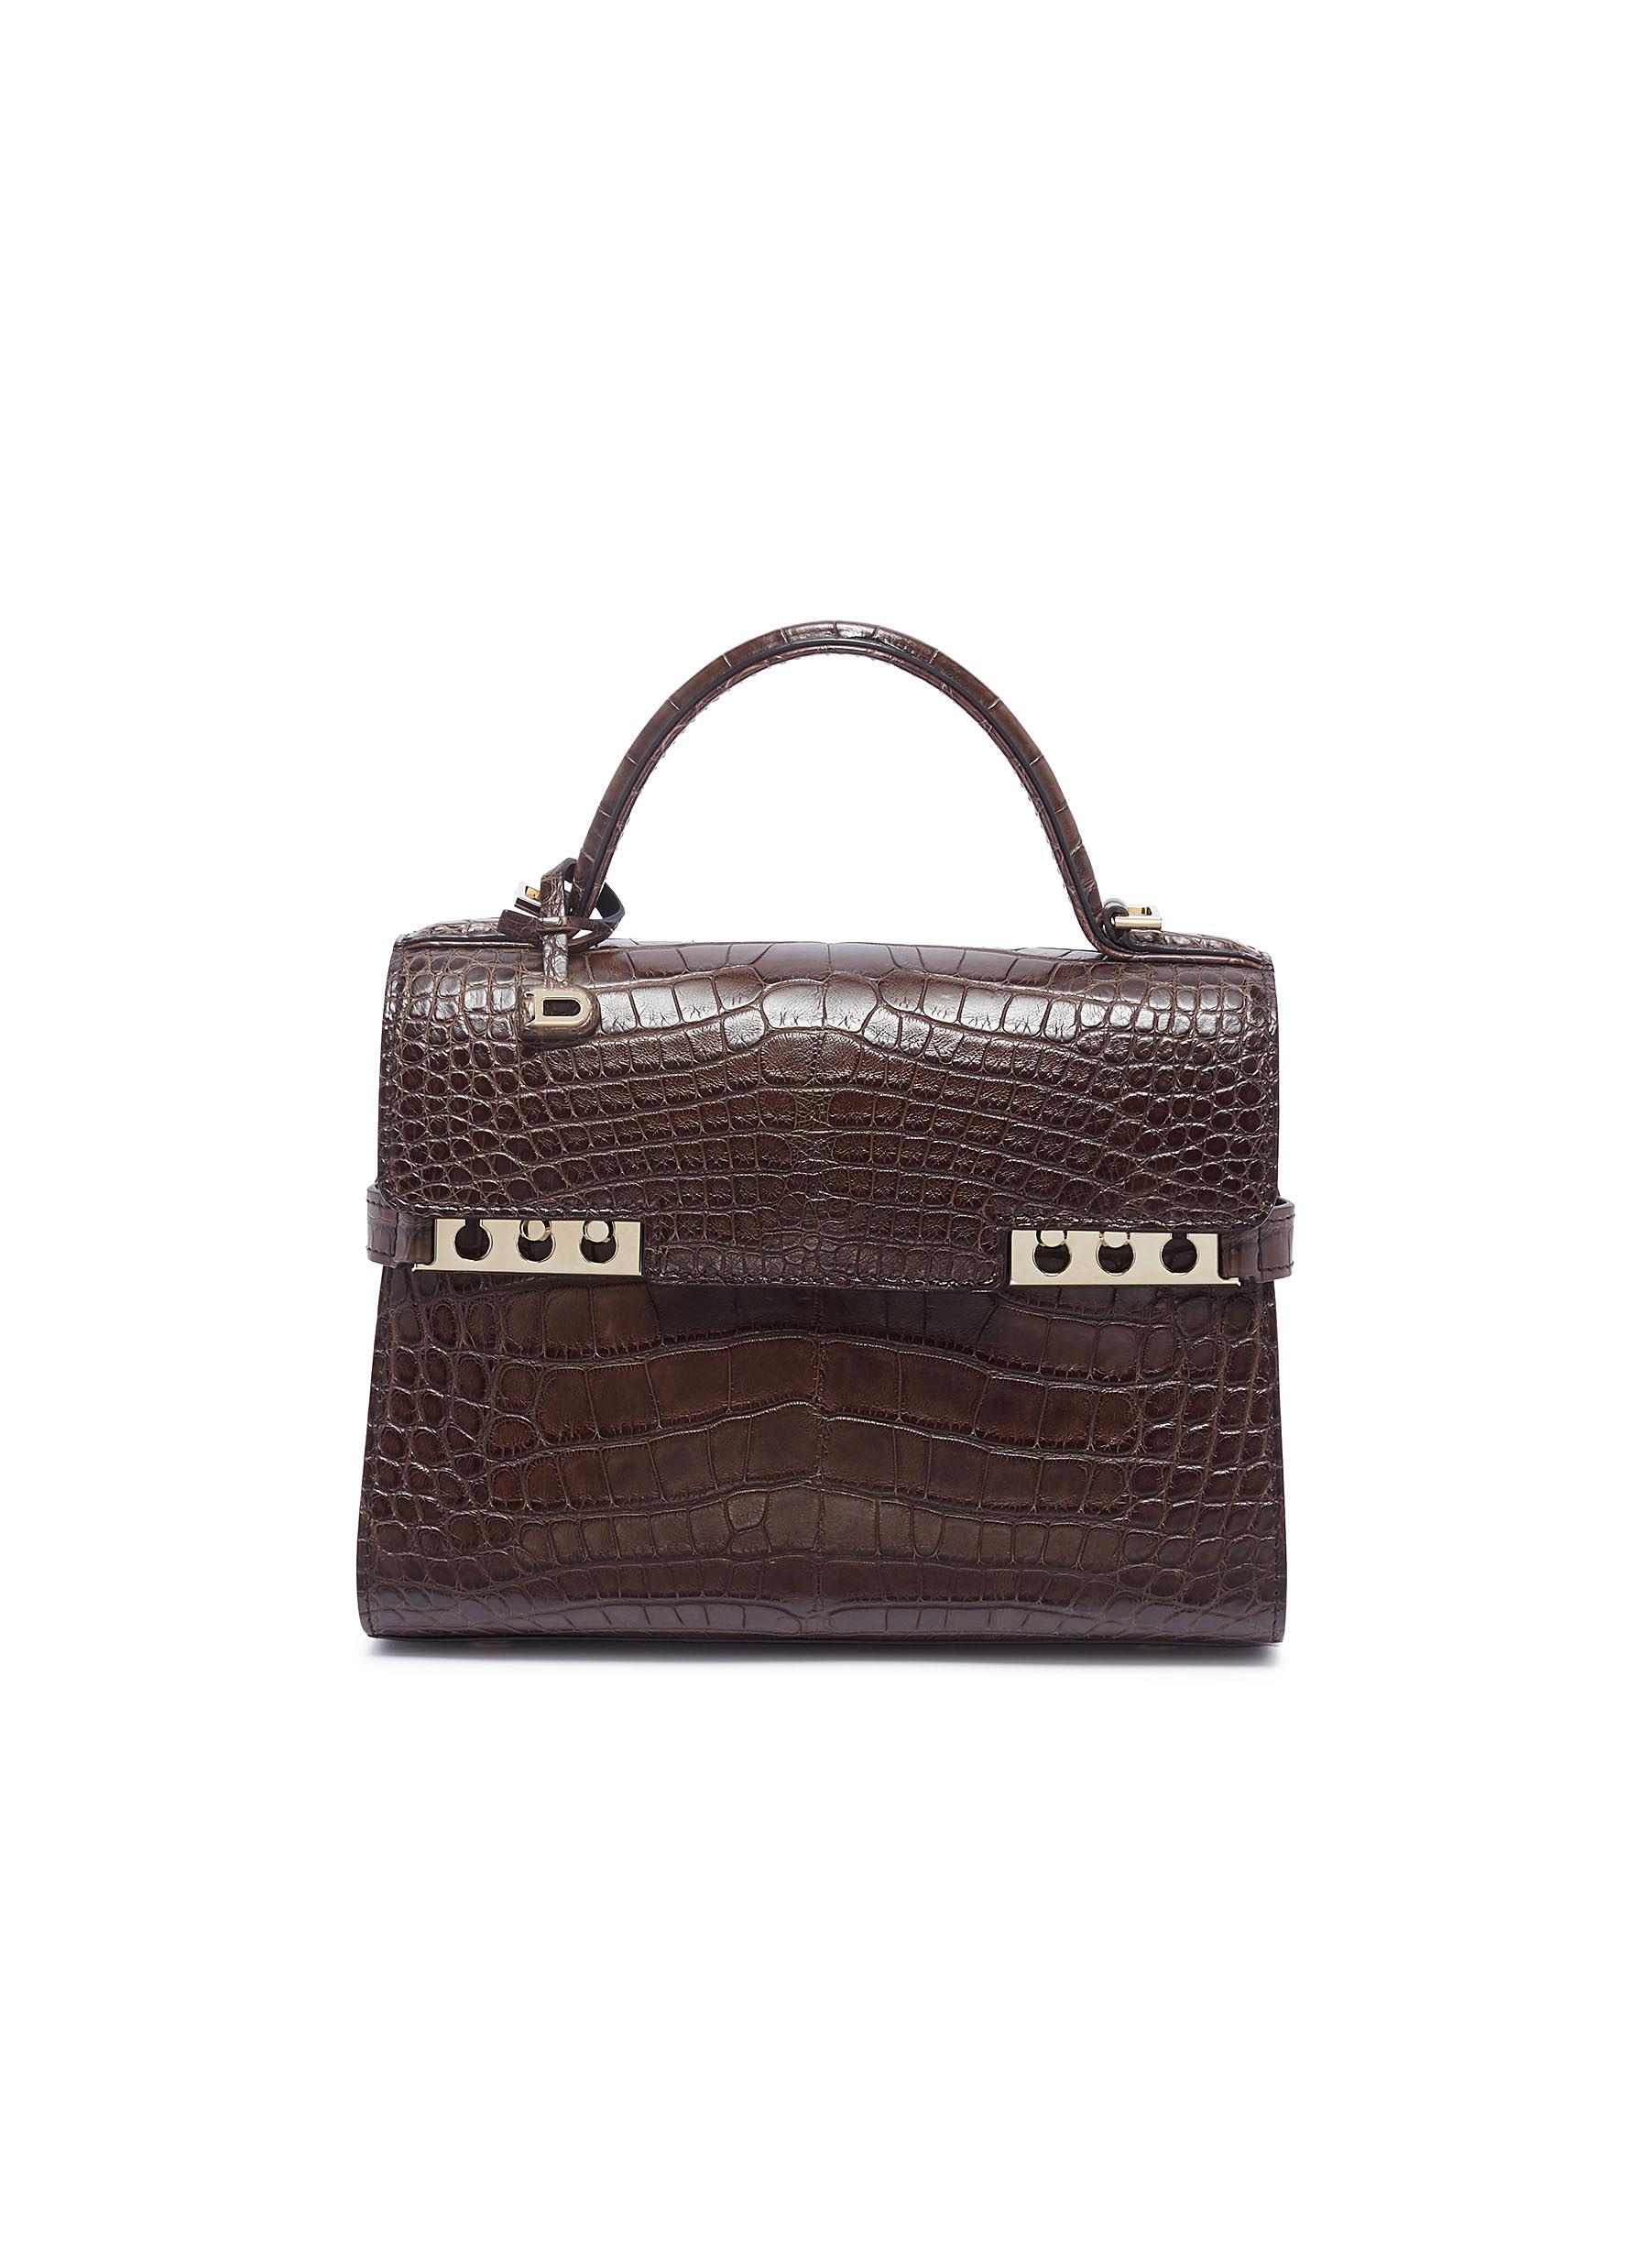 09a3d3b7f DELVAUX   'Tempête Mini' alligator leather satchel   Women   Lane ...